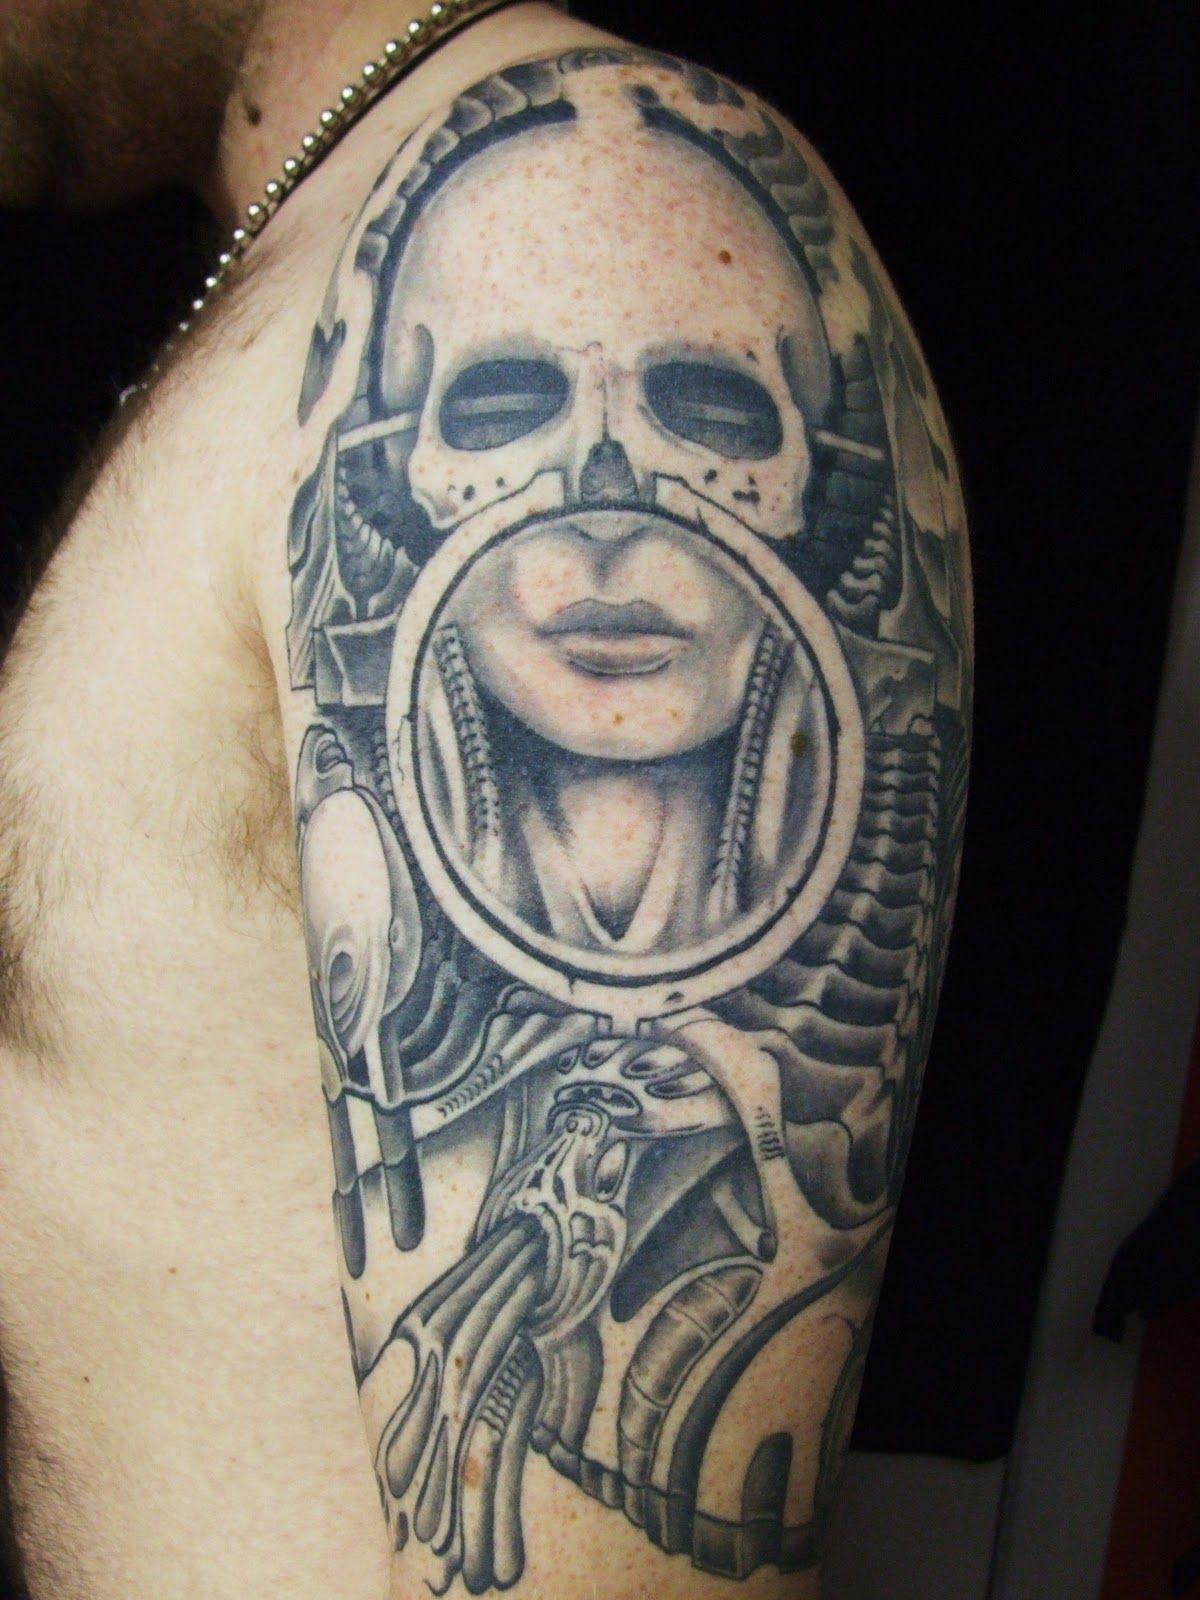 Hr giger tattoo designs - Giger Alien Tattoo Designs